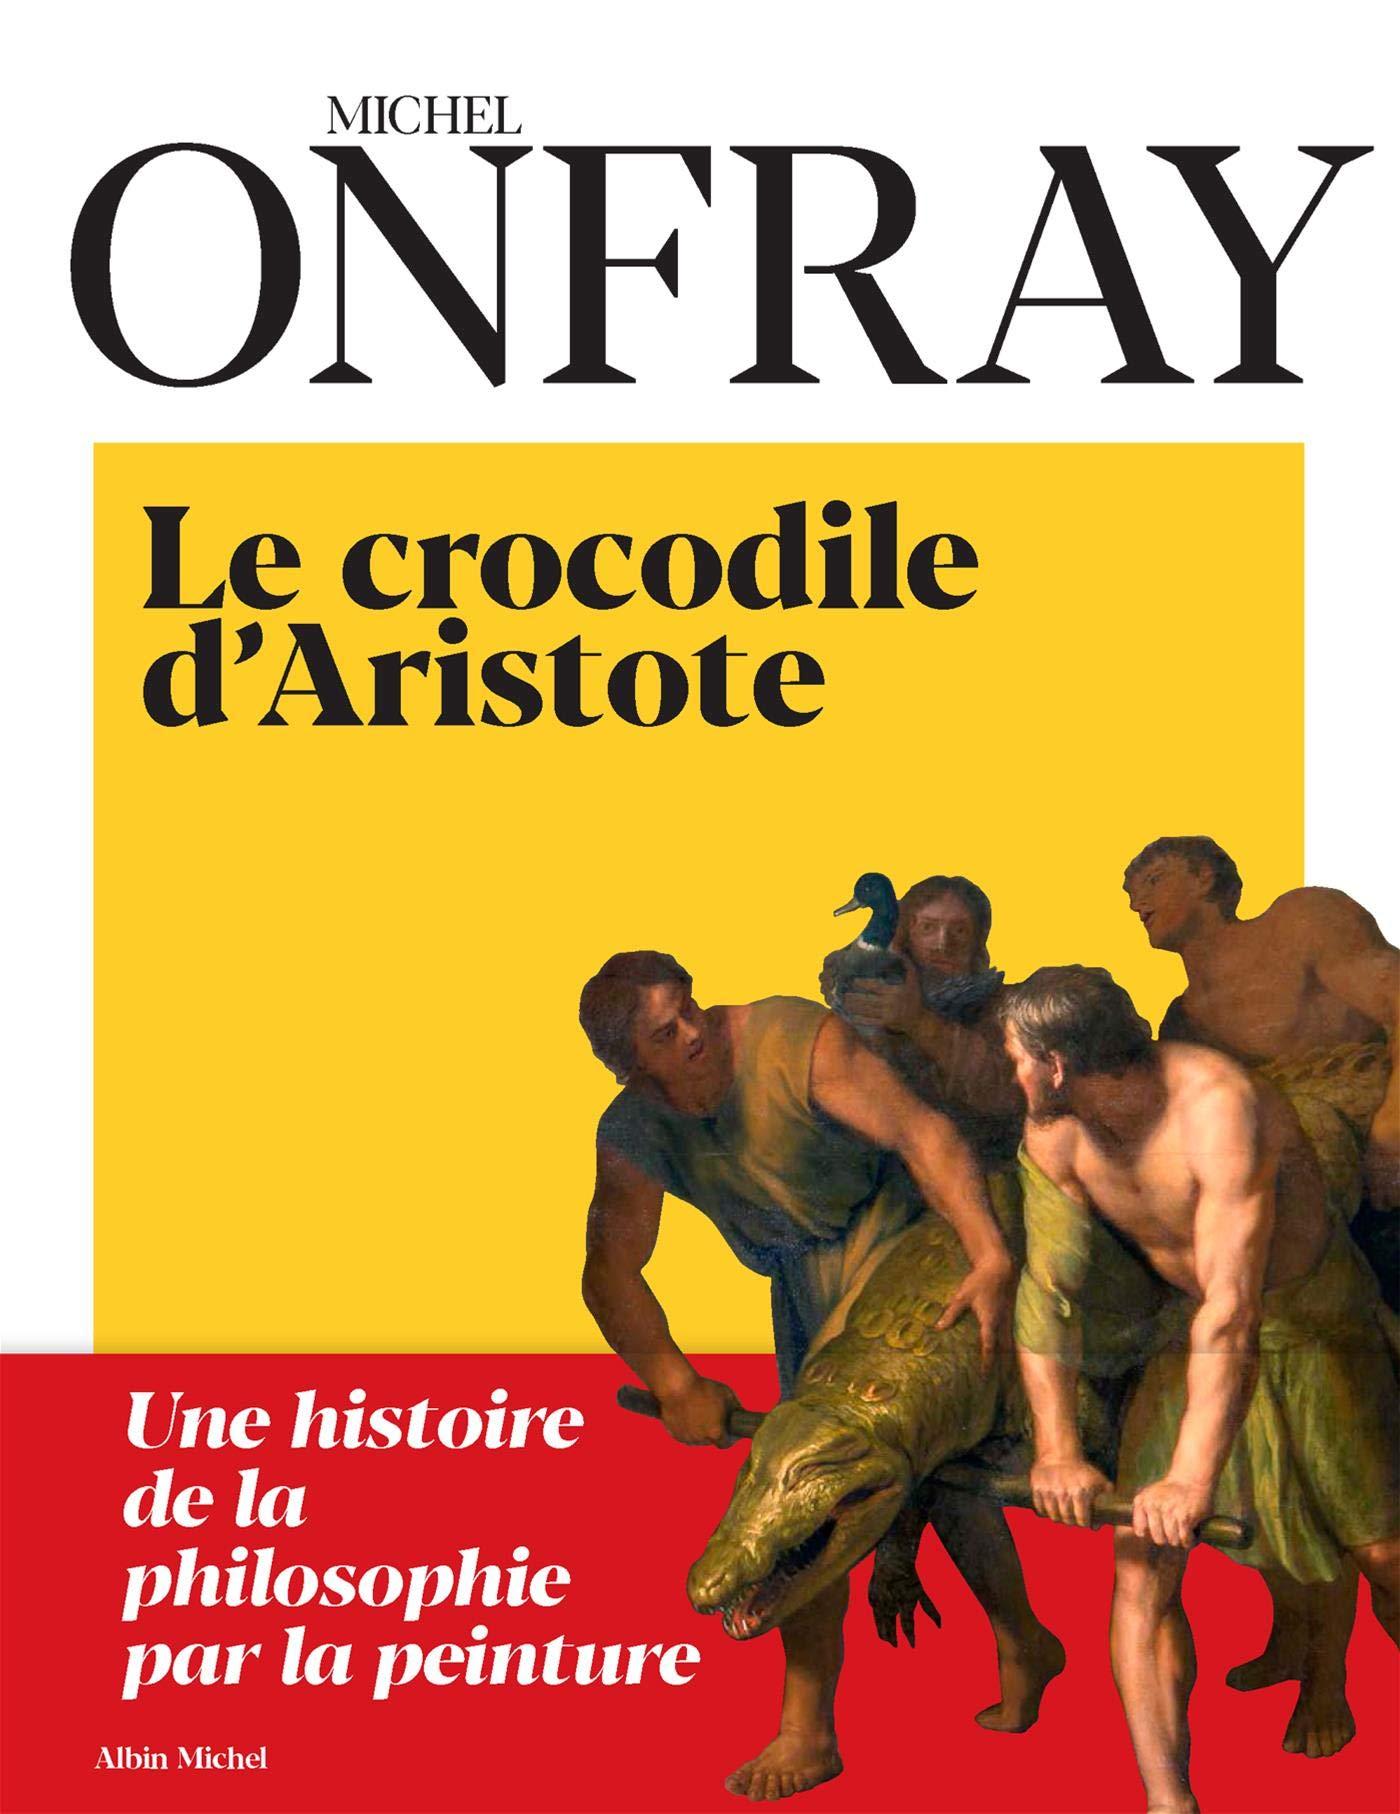 Le Crocodile d'Aristote: Une histoire de la philosophie par la peinture